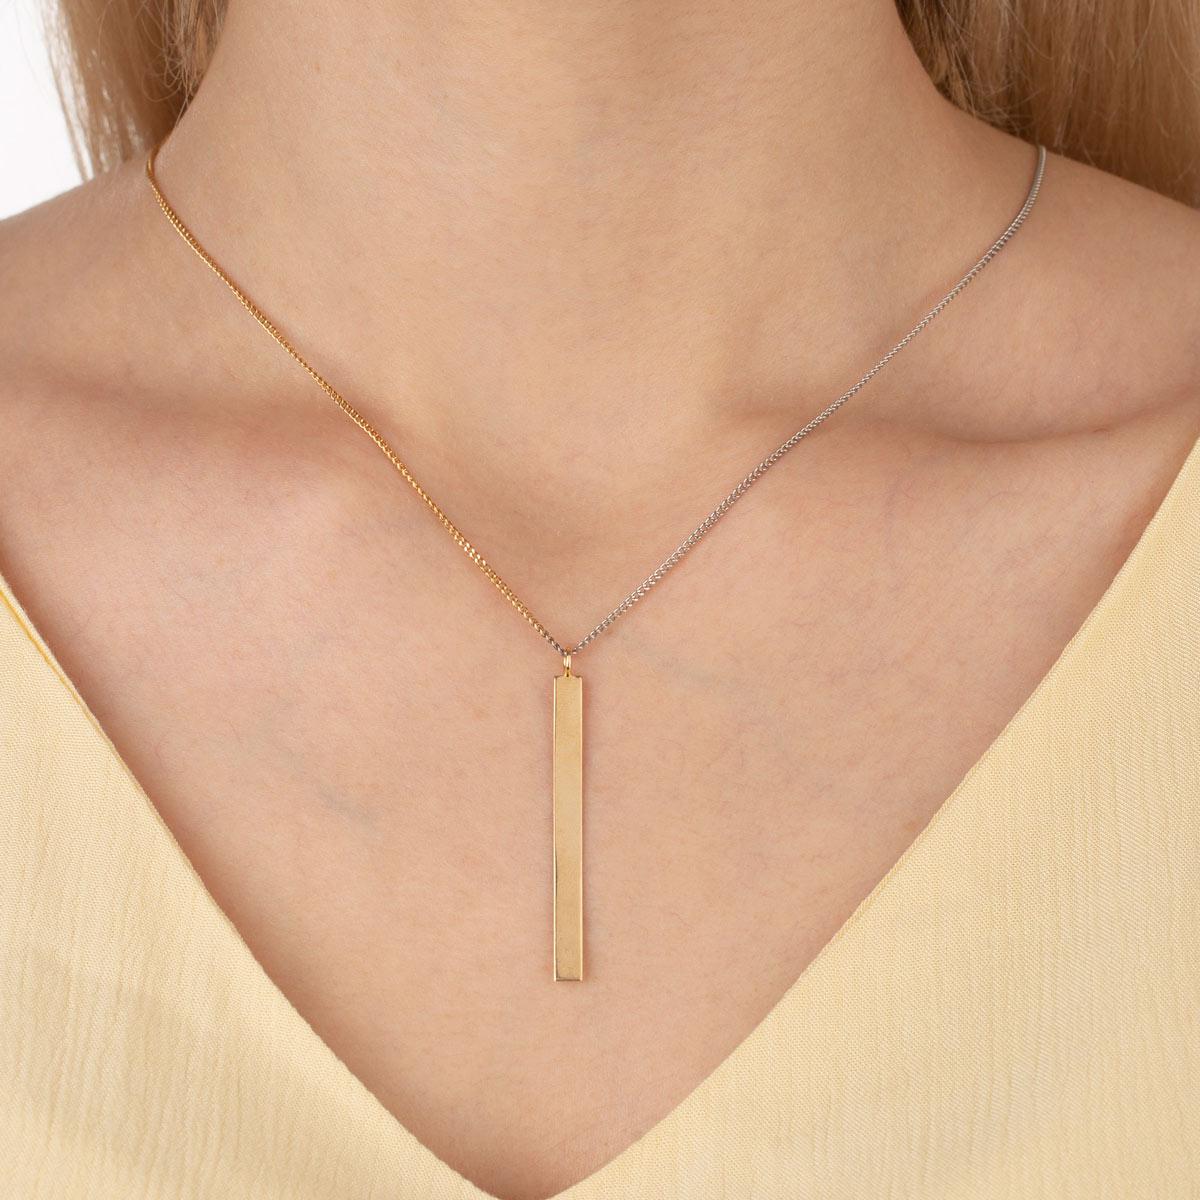 گردنبند طلا پلیت و کارتیه دو رنگ